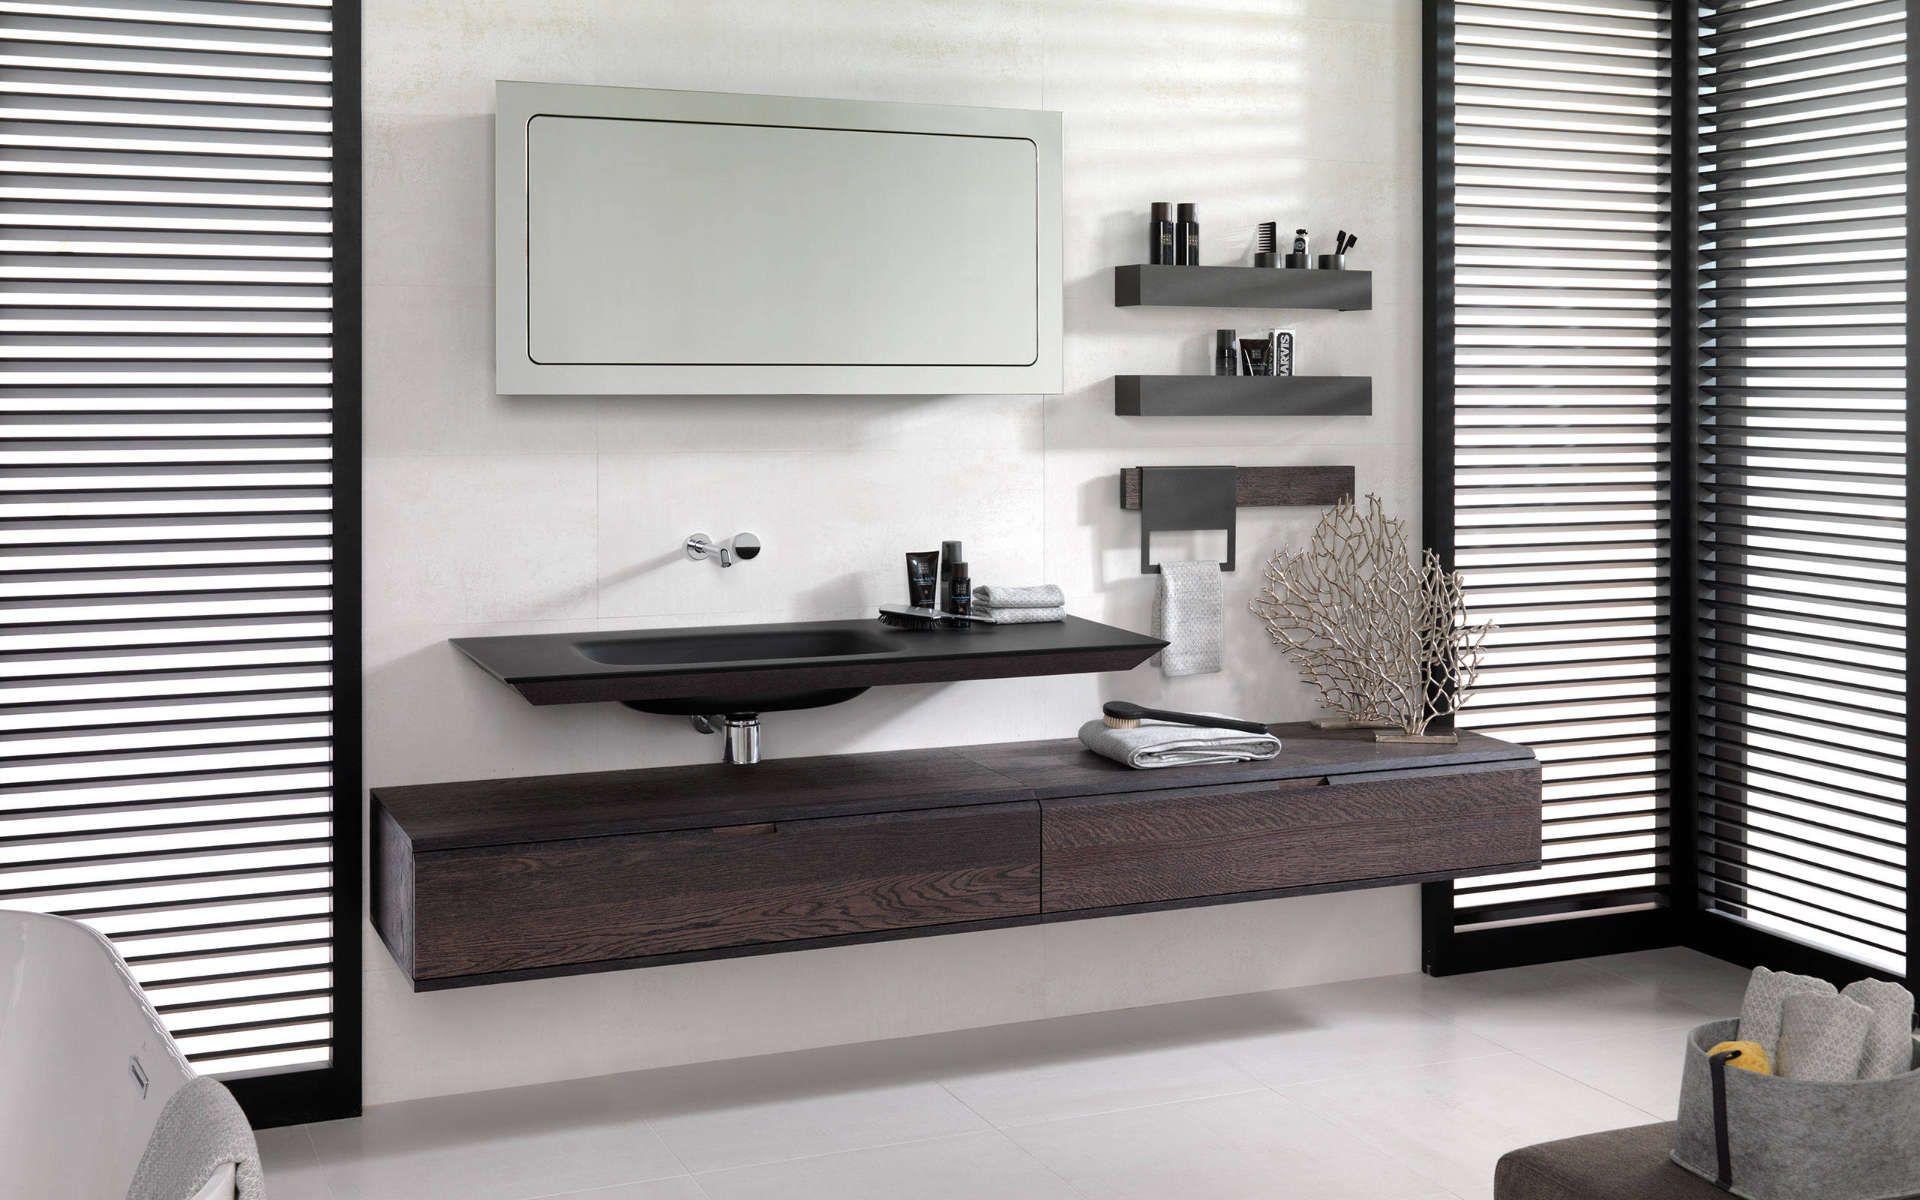 Porcelanosa Meuble De Salle De Bain mobilier de salle de bain | meubles de salle de bain